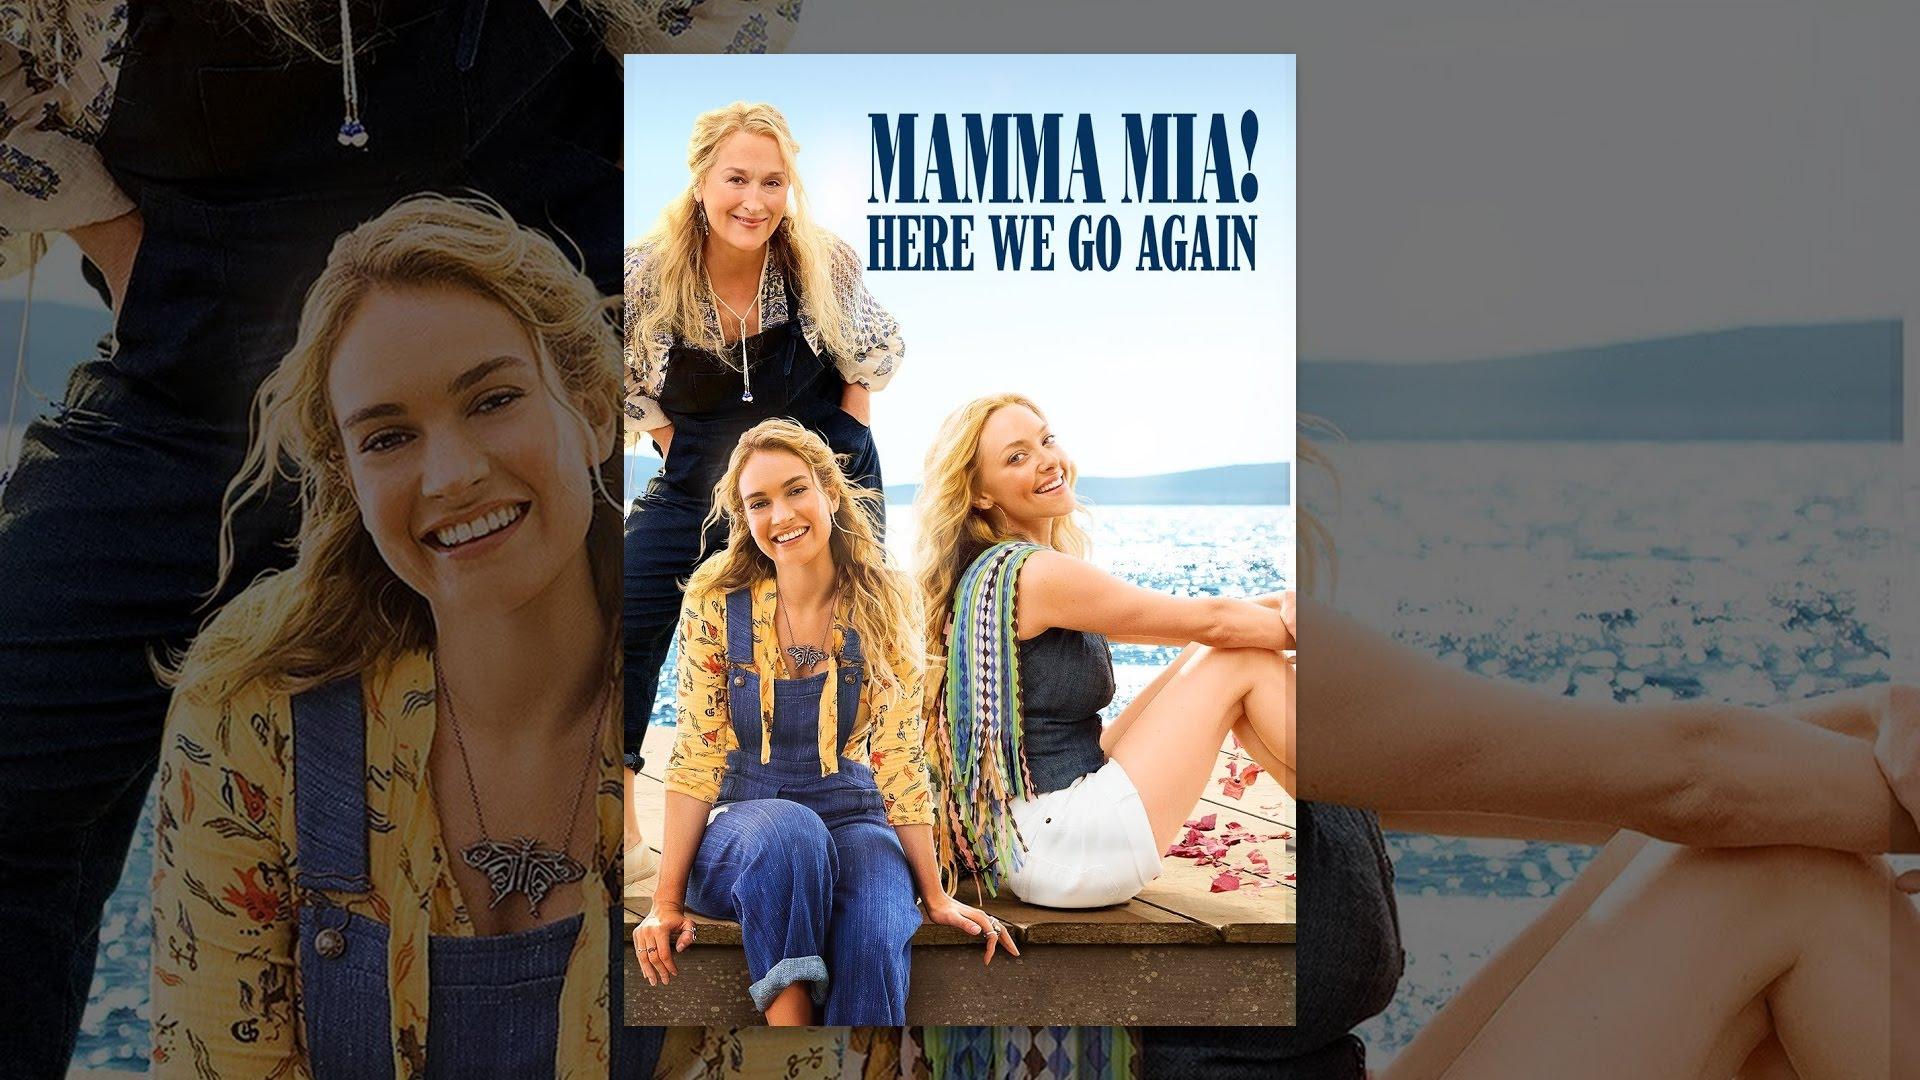 Download Mamma Mia! Here We Go Again